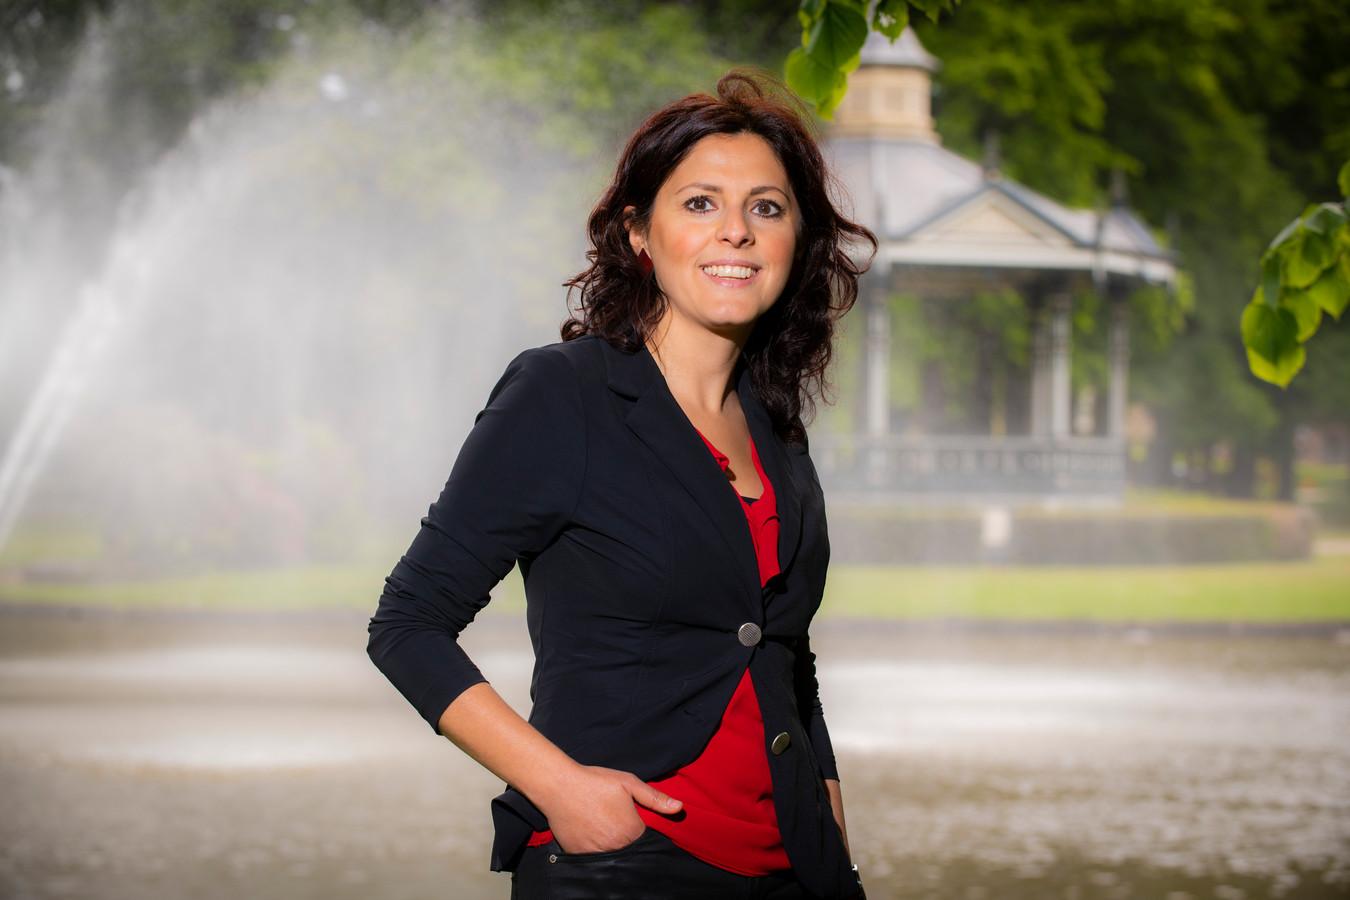 Meri Ismirowa is door de gemeente Apeldoorn aangesteld om burgerinitiatieven te behandelen.